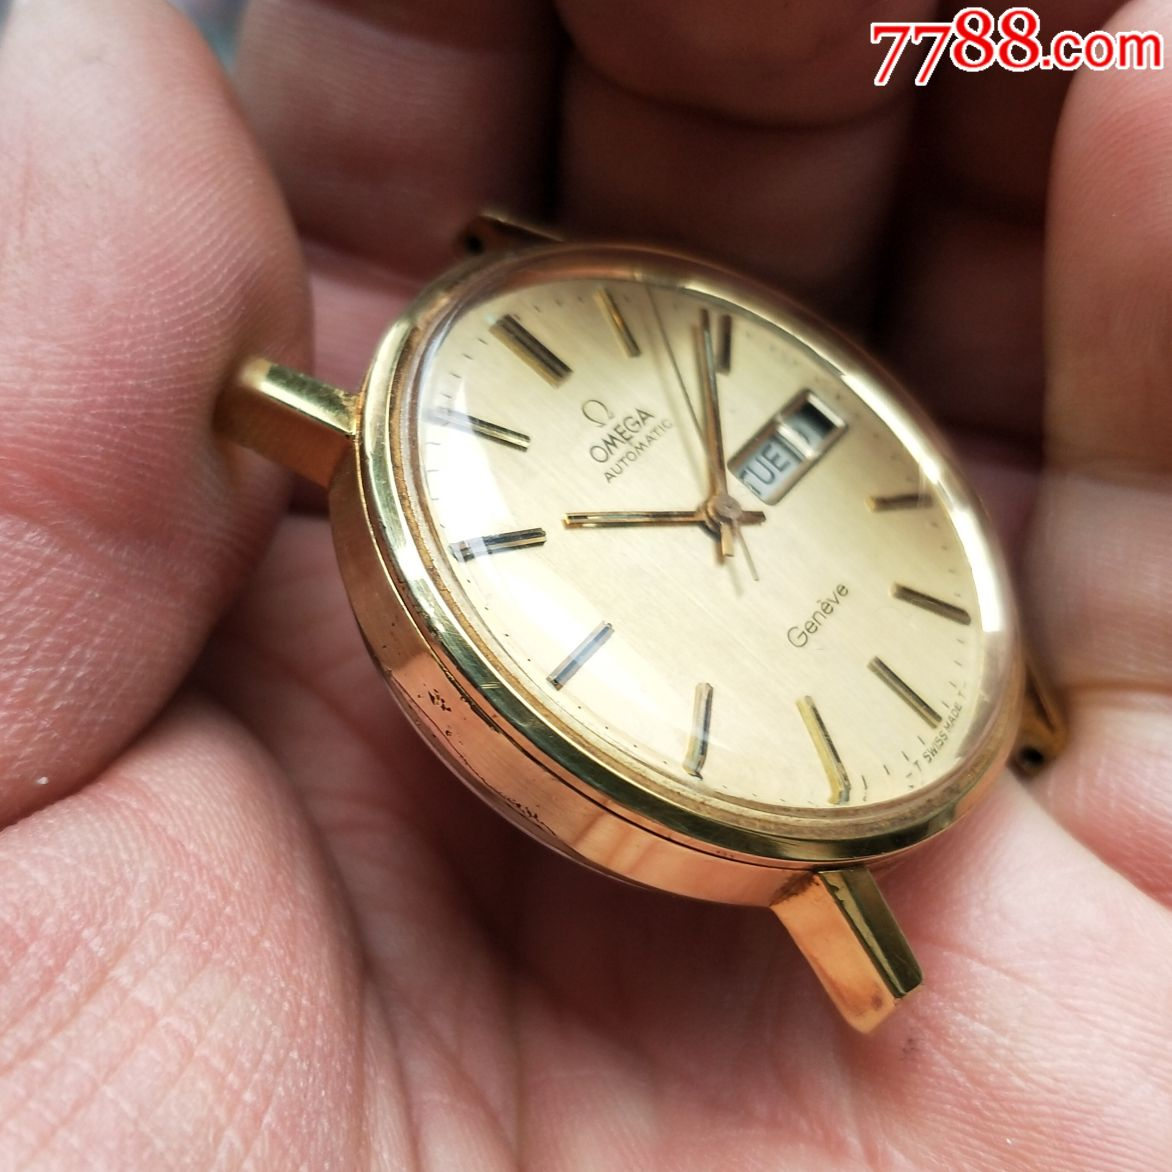 《特价处理》二手表:瑞士古董欧米茄1020双日历包金自动机械图片